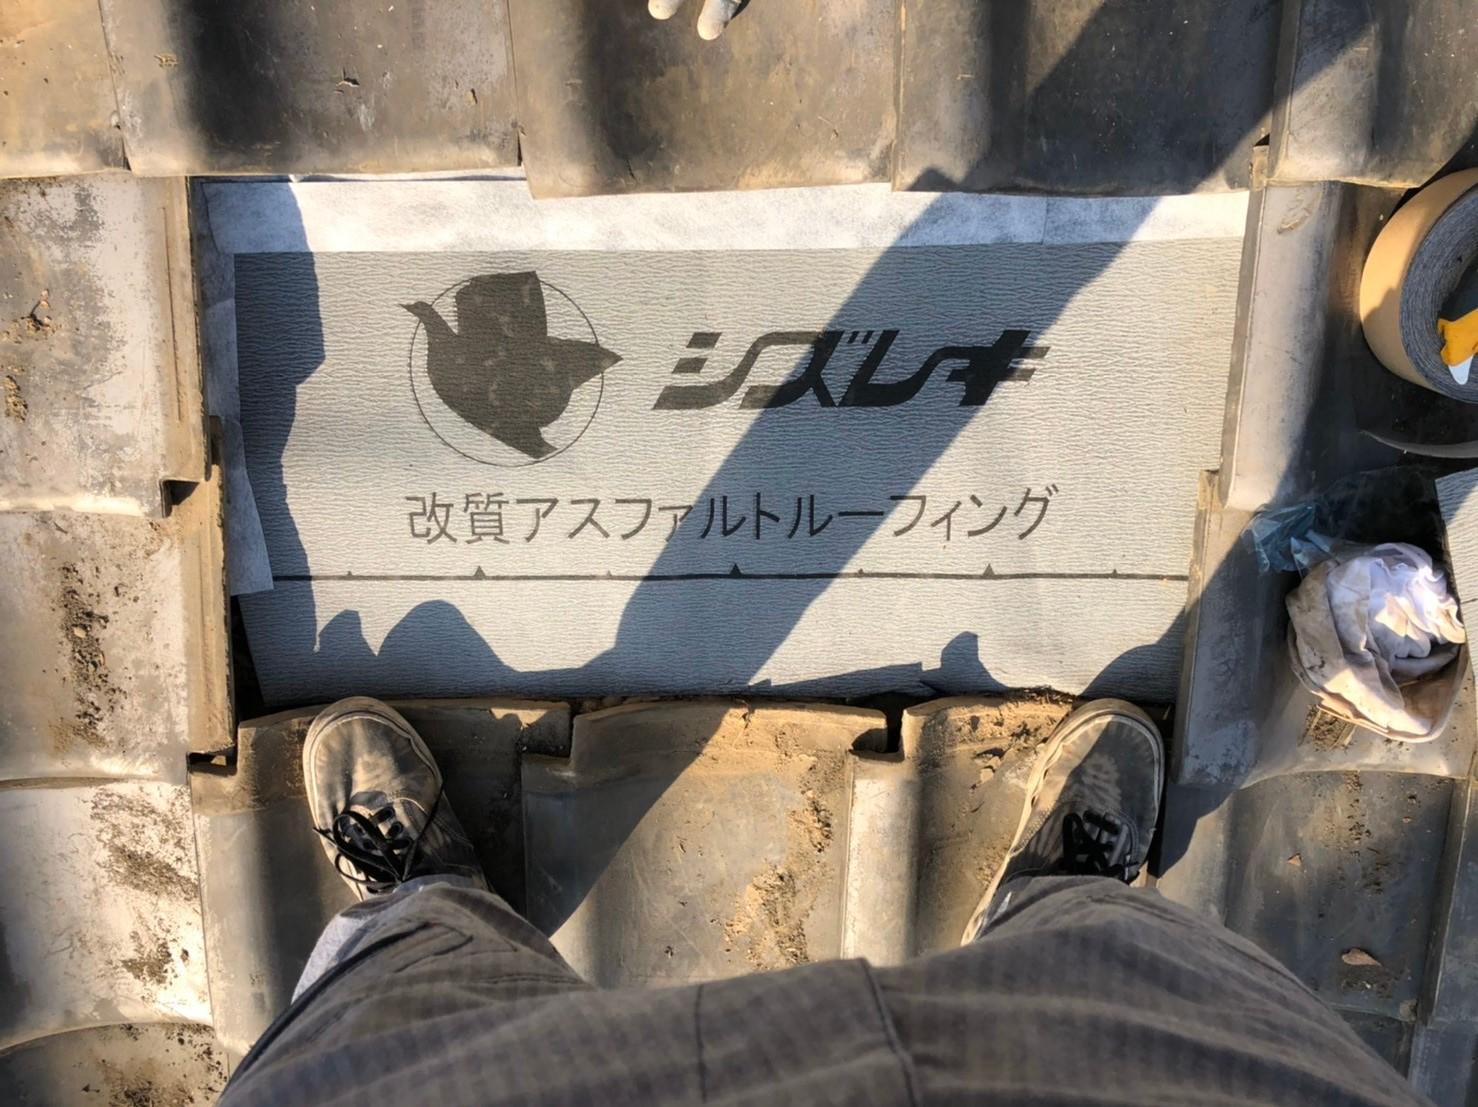 【施工完了報告!】屋根の工事もハートホームにお任せを!東京都青梅市にて屋根葺き替え工事を行いました!